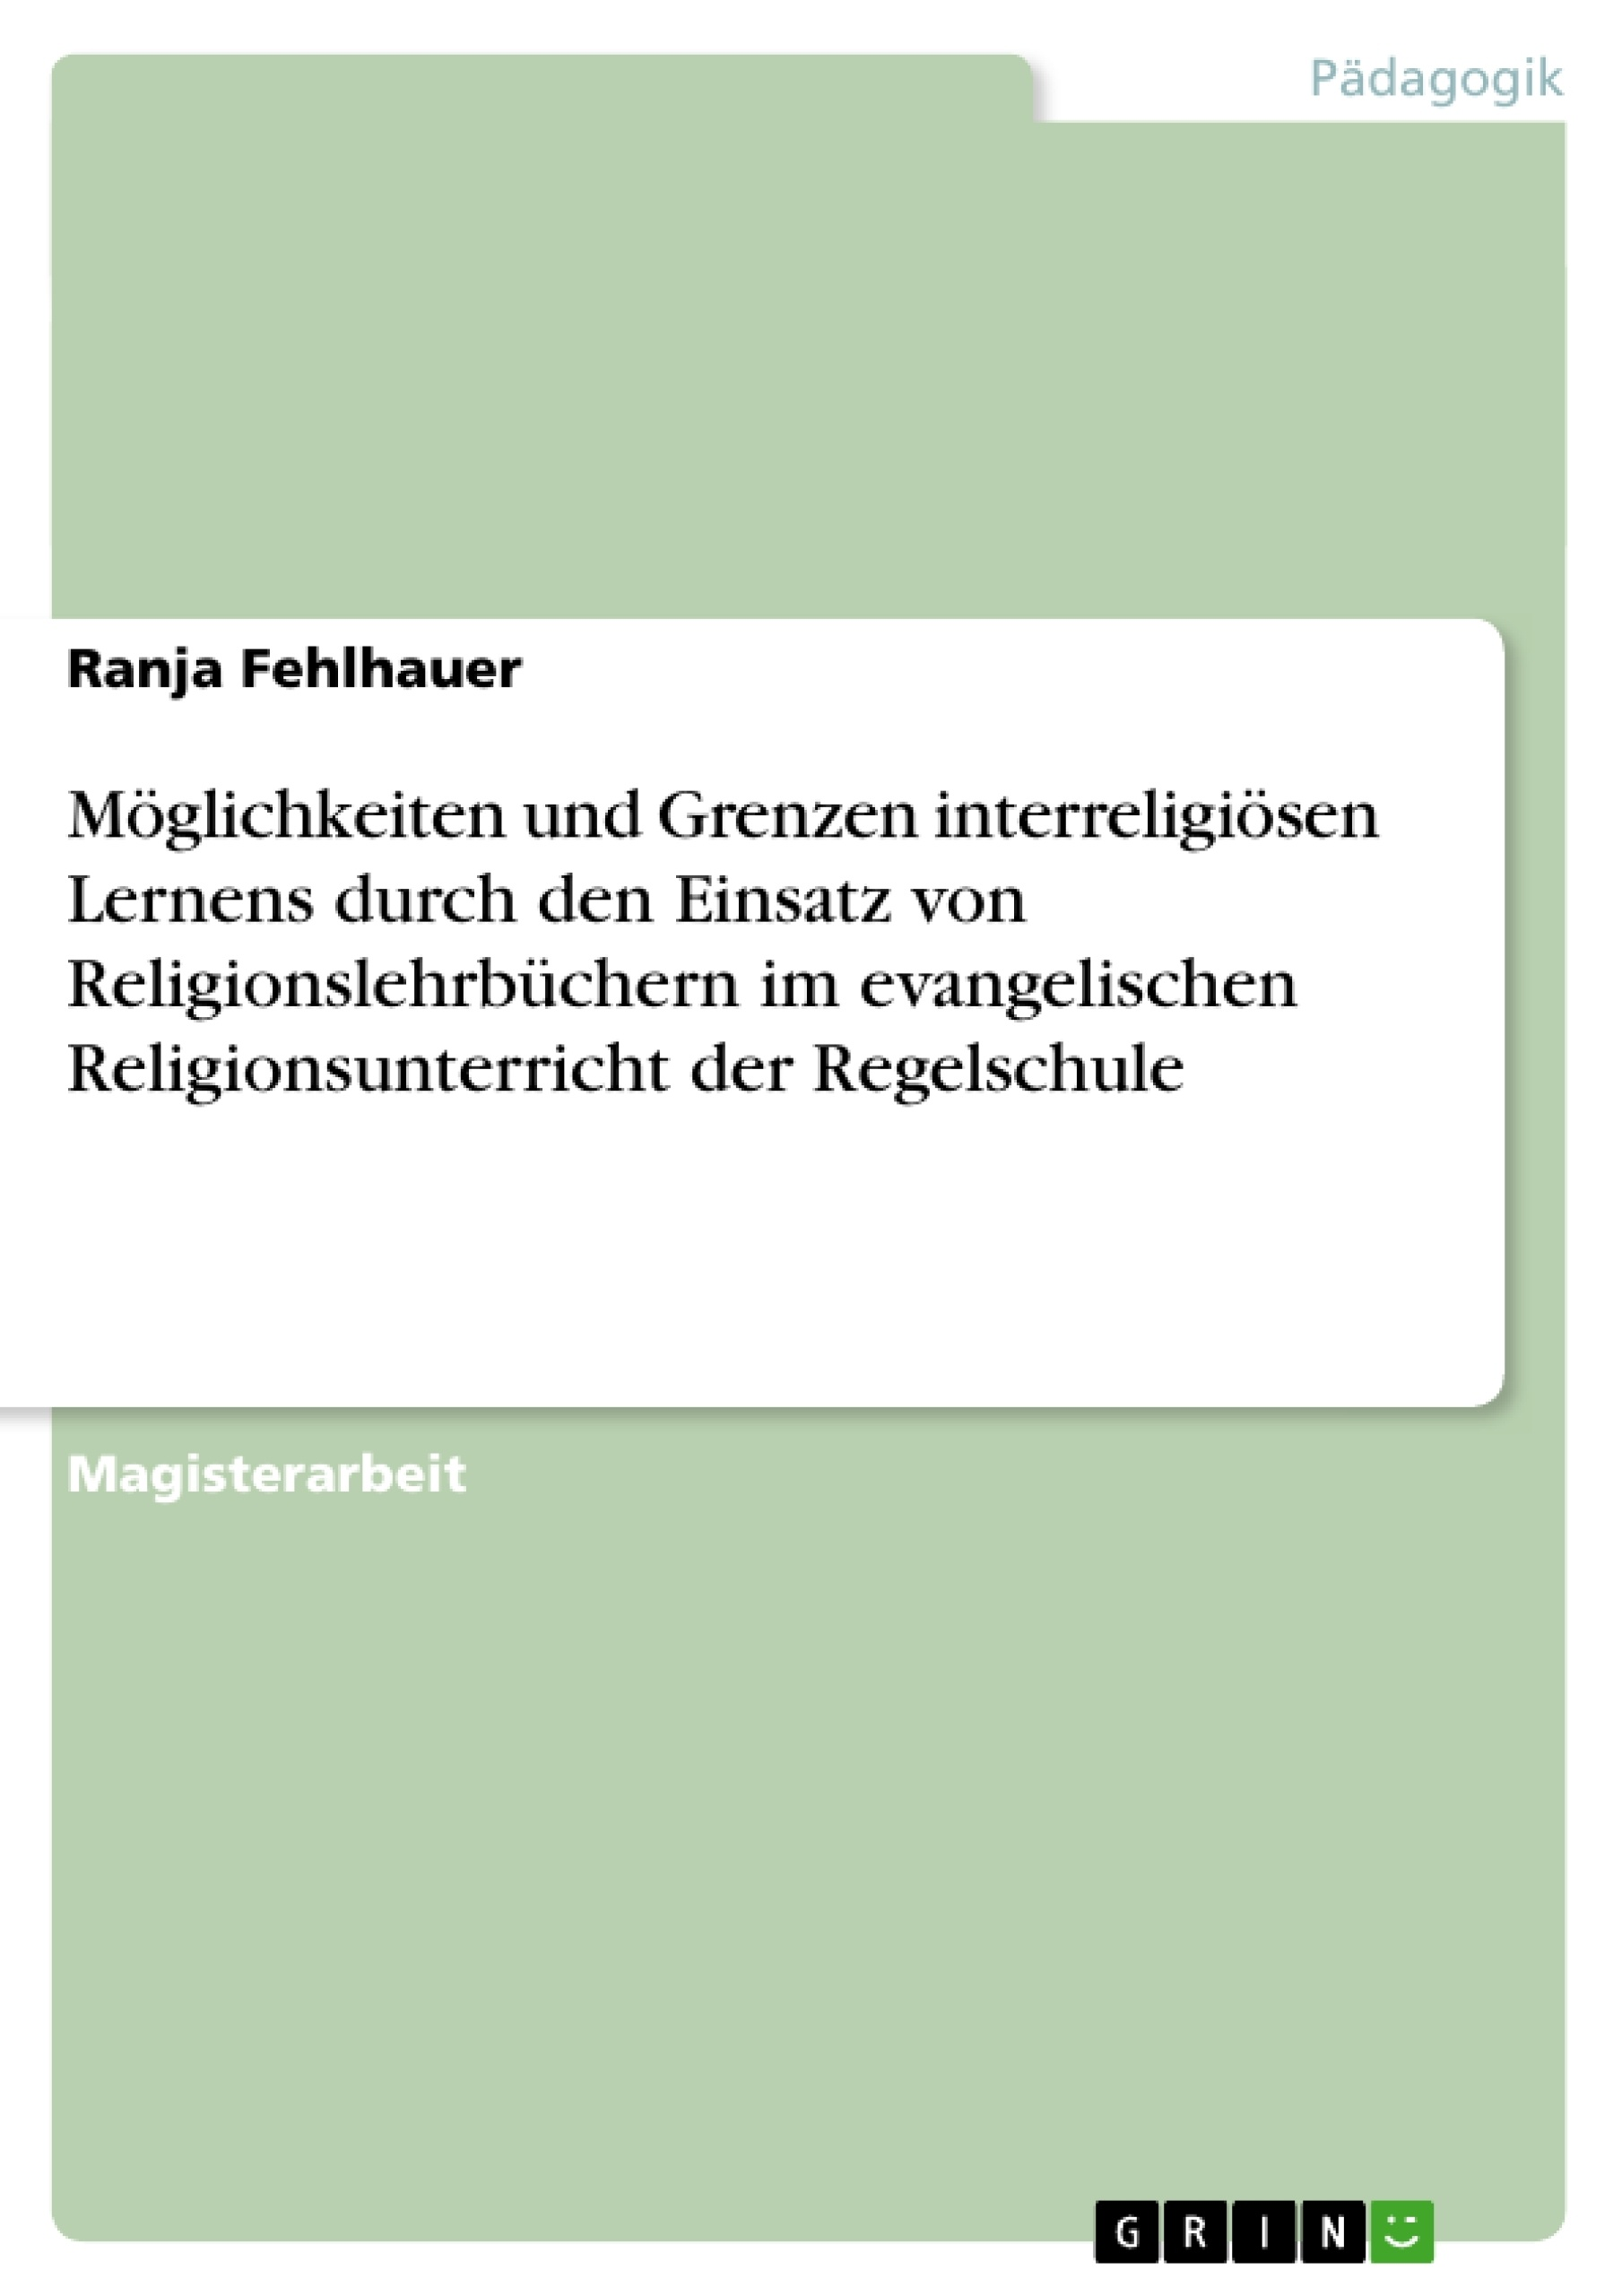 Titel: Möglichkeiten und Grenzen interreligiösen Lernens durch den Einsatz von Religionslehrbüchern im evangelischen Religionsunterricht der Regelschule